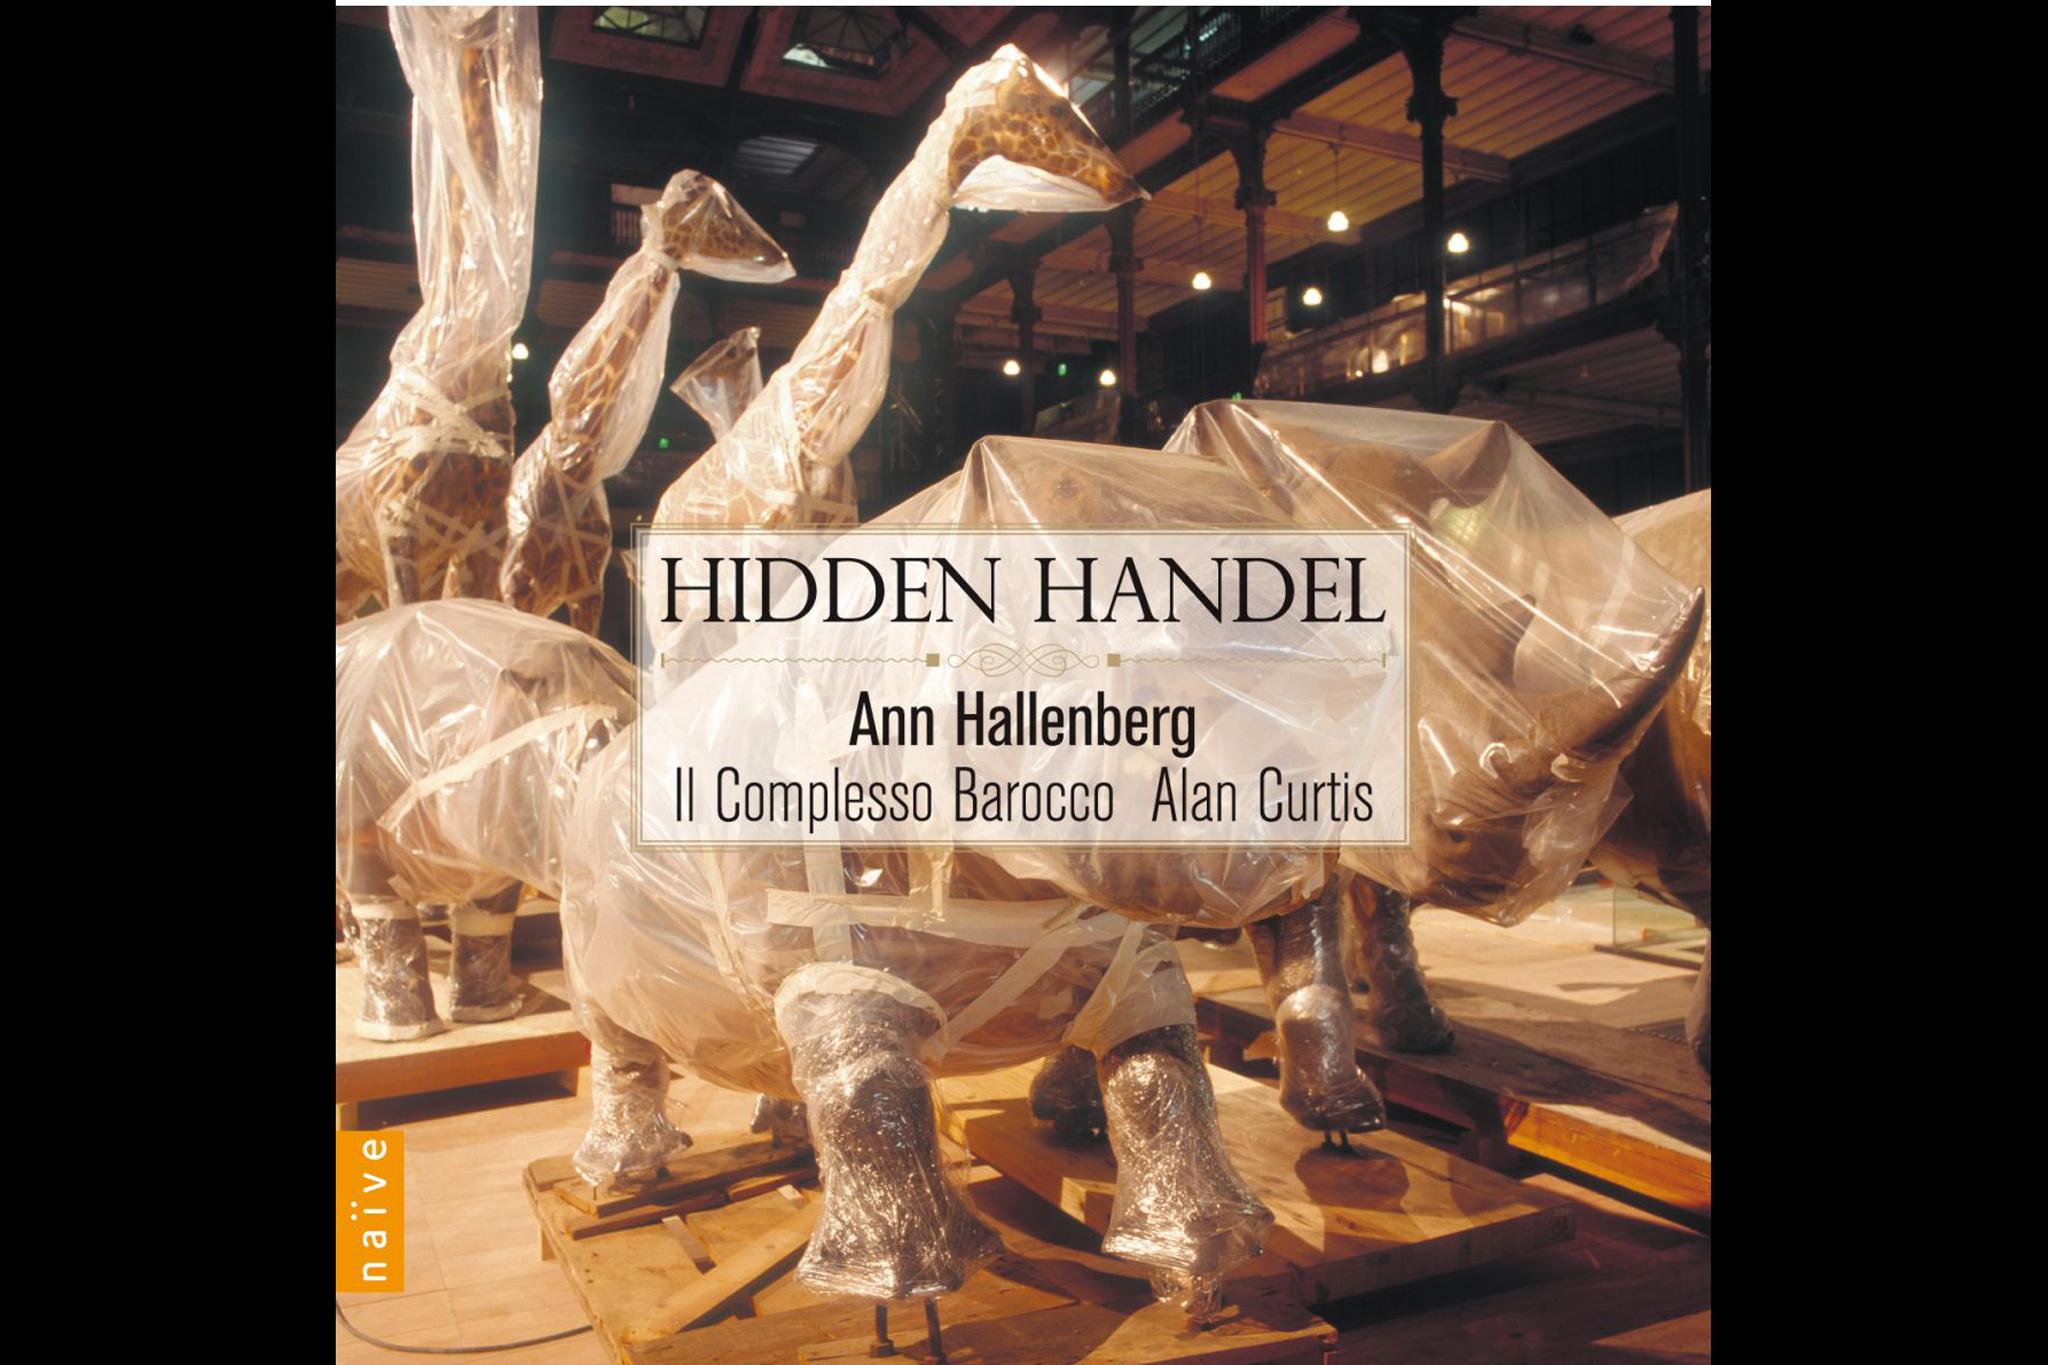 Album review: Hidden Handel